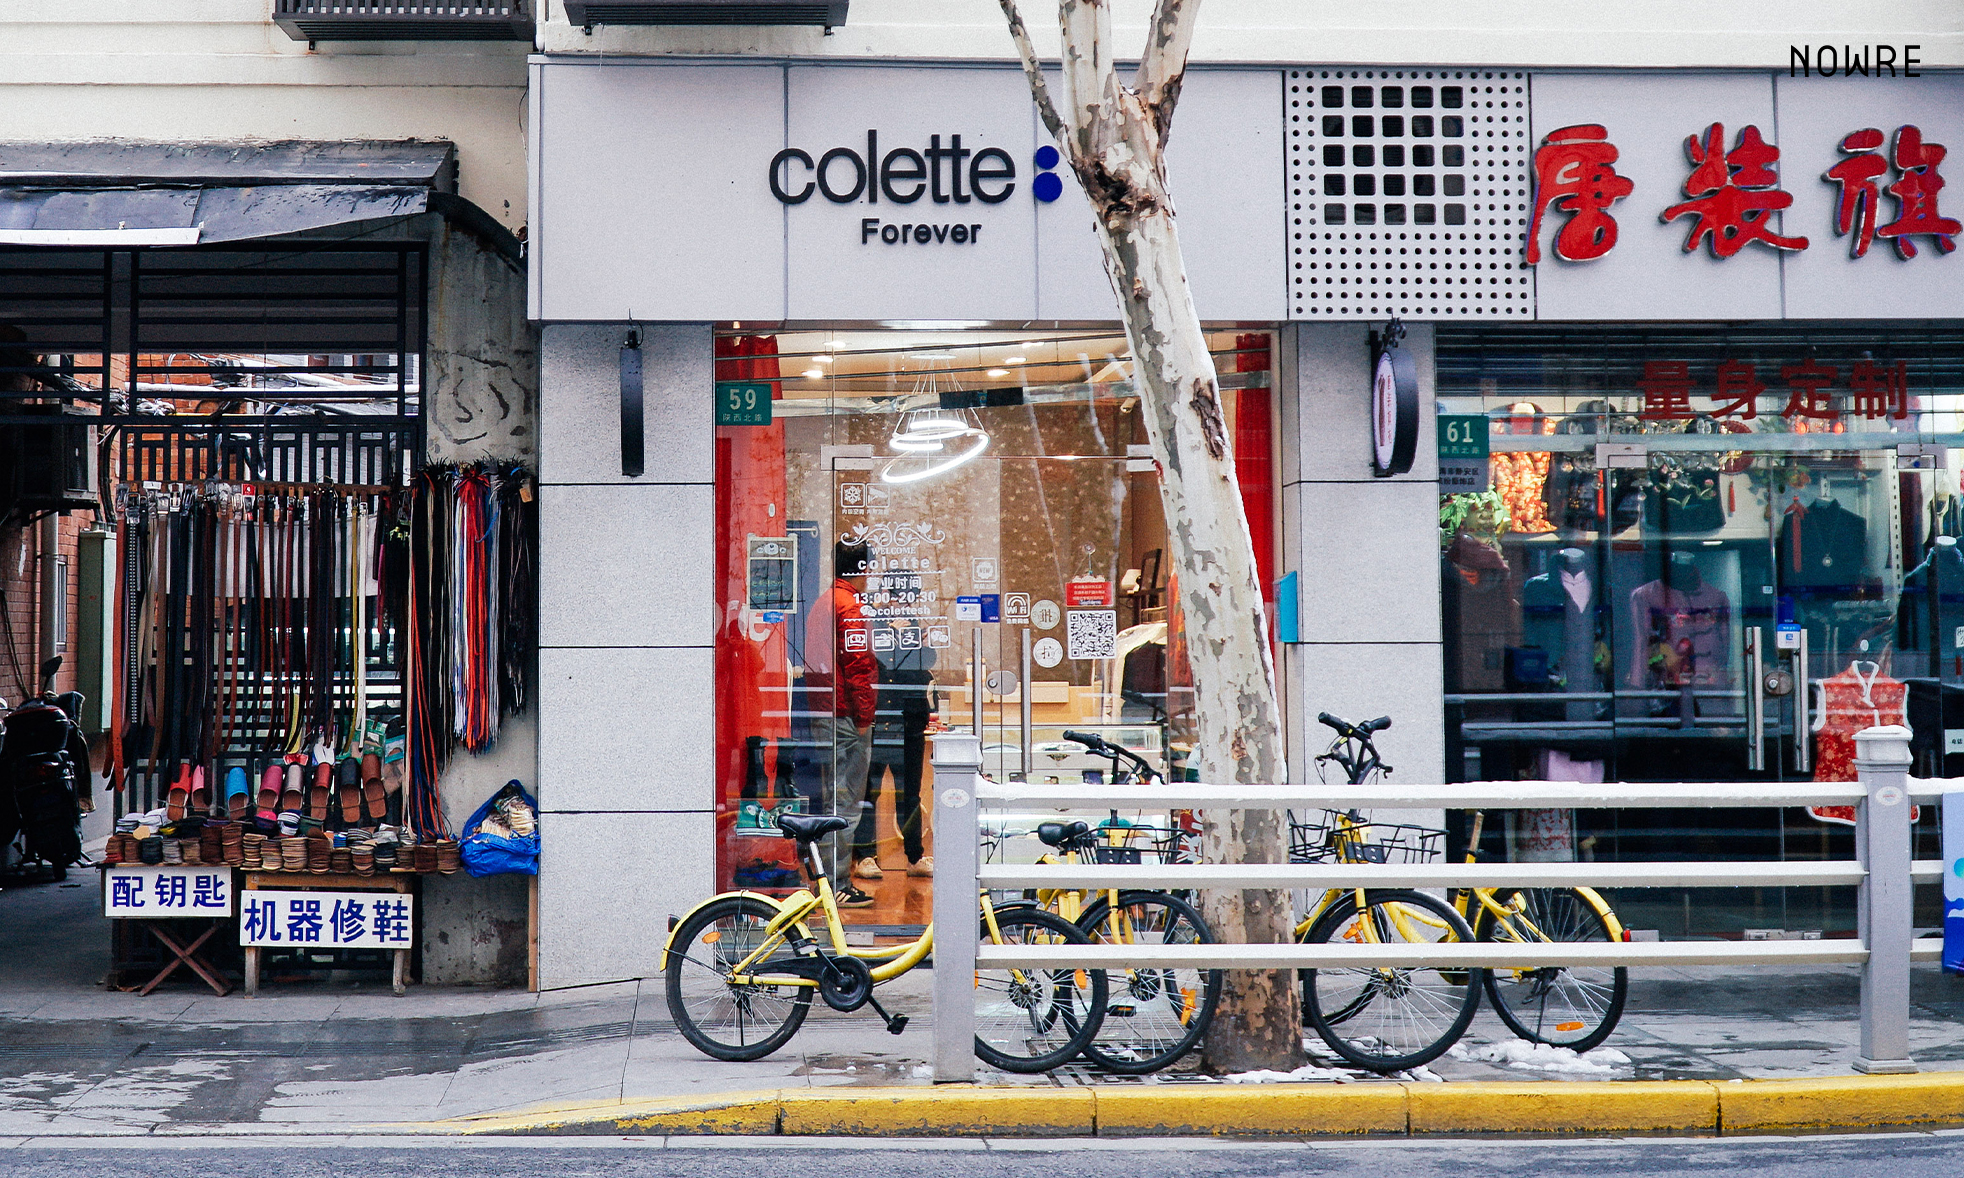 涉嫌山寨的上海 colette: ,是怎么回事?